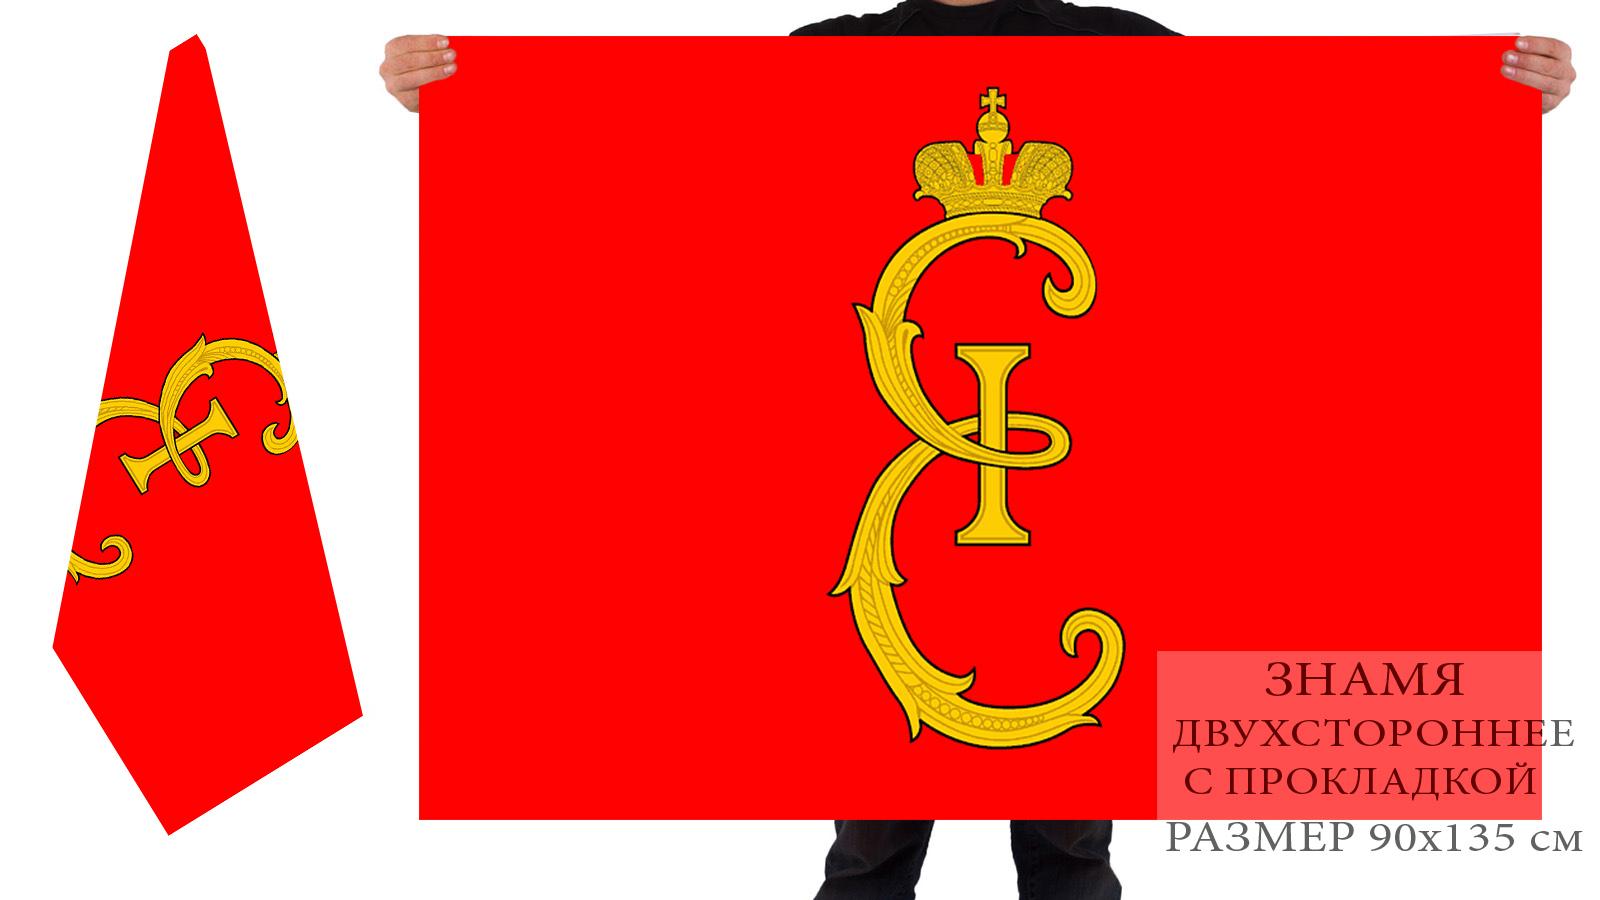 Двусторонний флаг муниципального образования город Пушкин